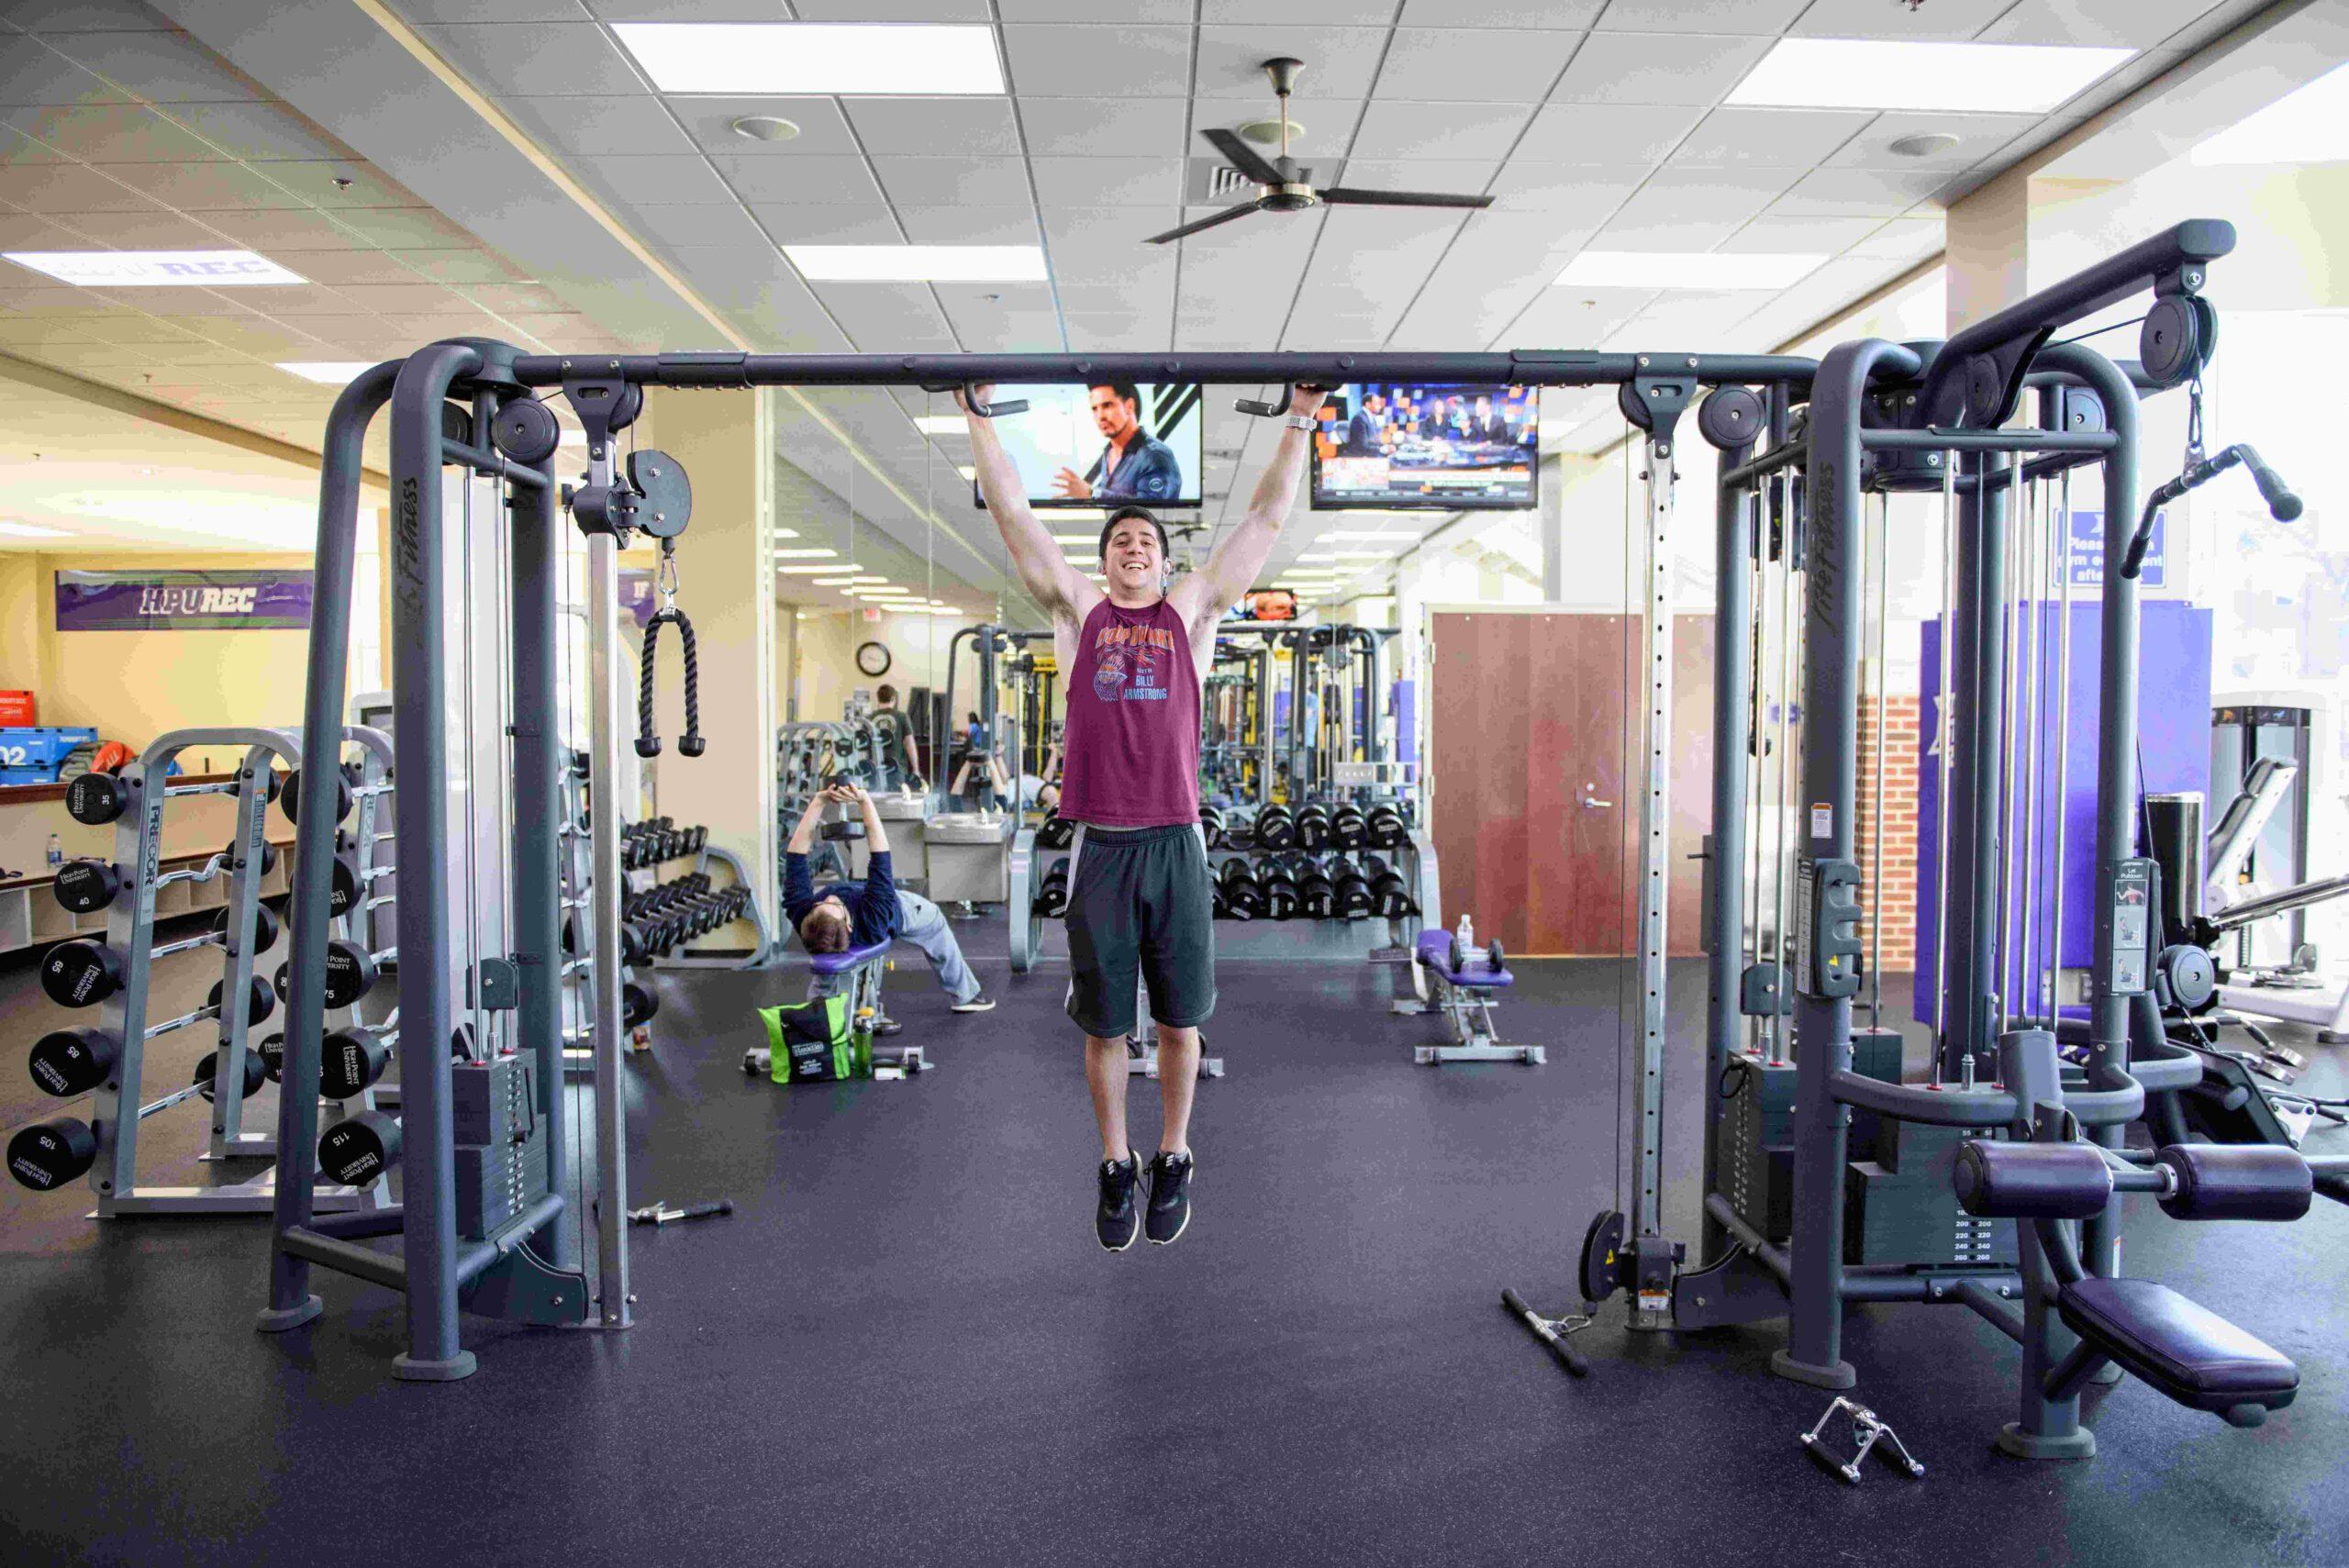 Slane Fitness Center